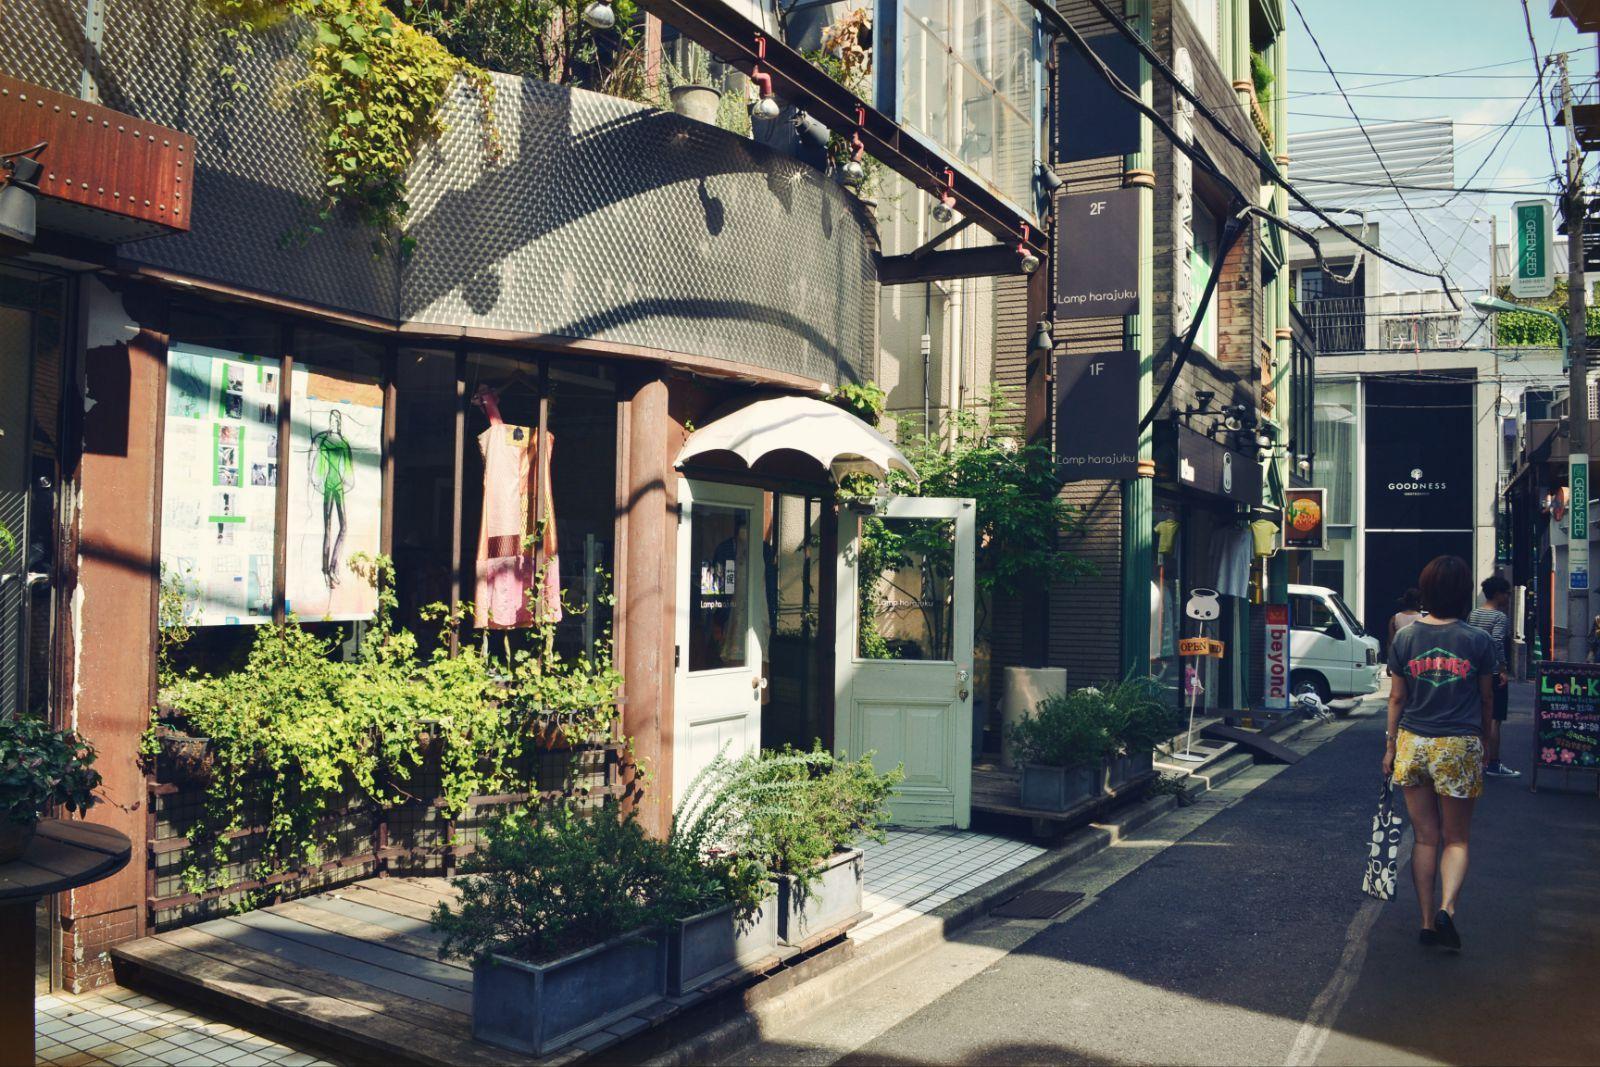 夏日の日本,游东京的正确打开方式~